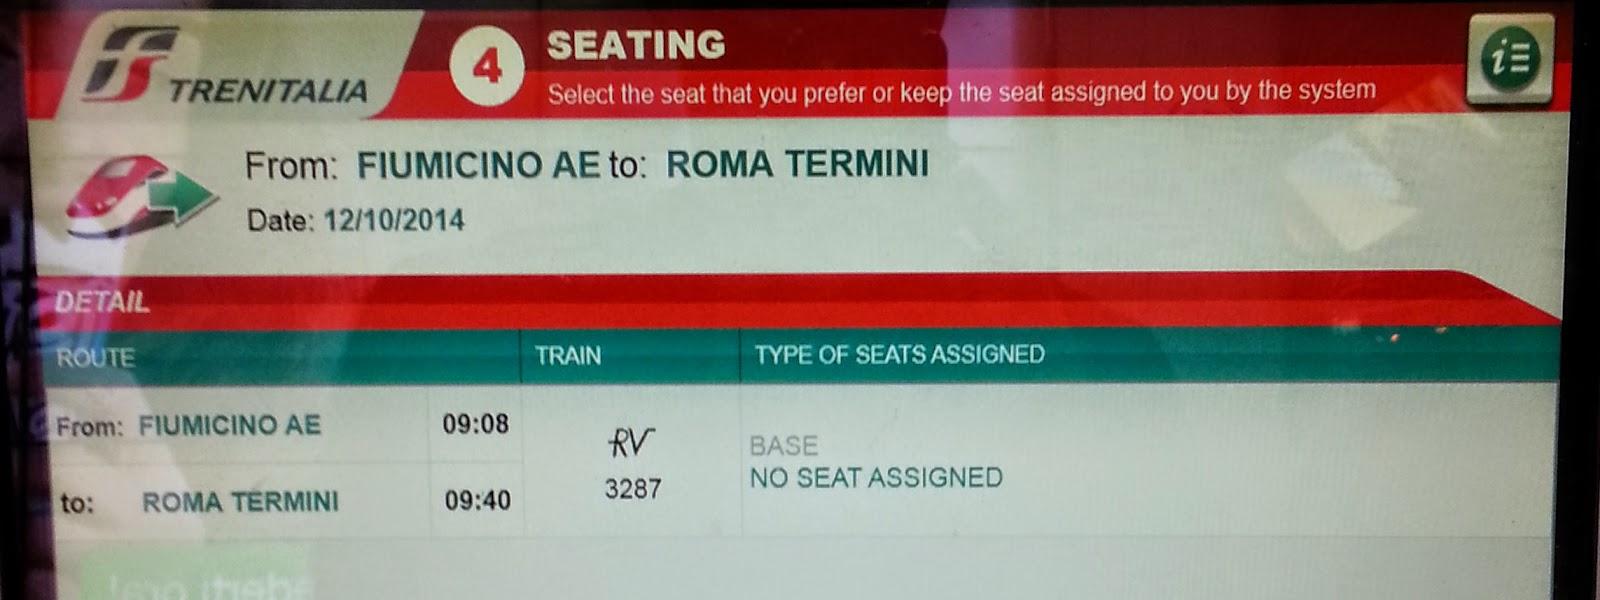 來去玩: 如何使用義大利鐵路自動售票機(How to Use Trenitalia Ticket Machine)